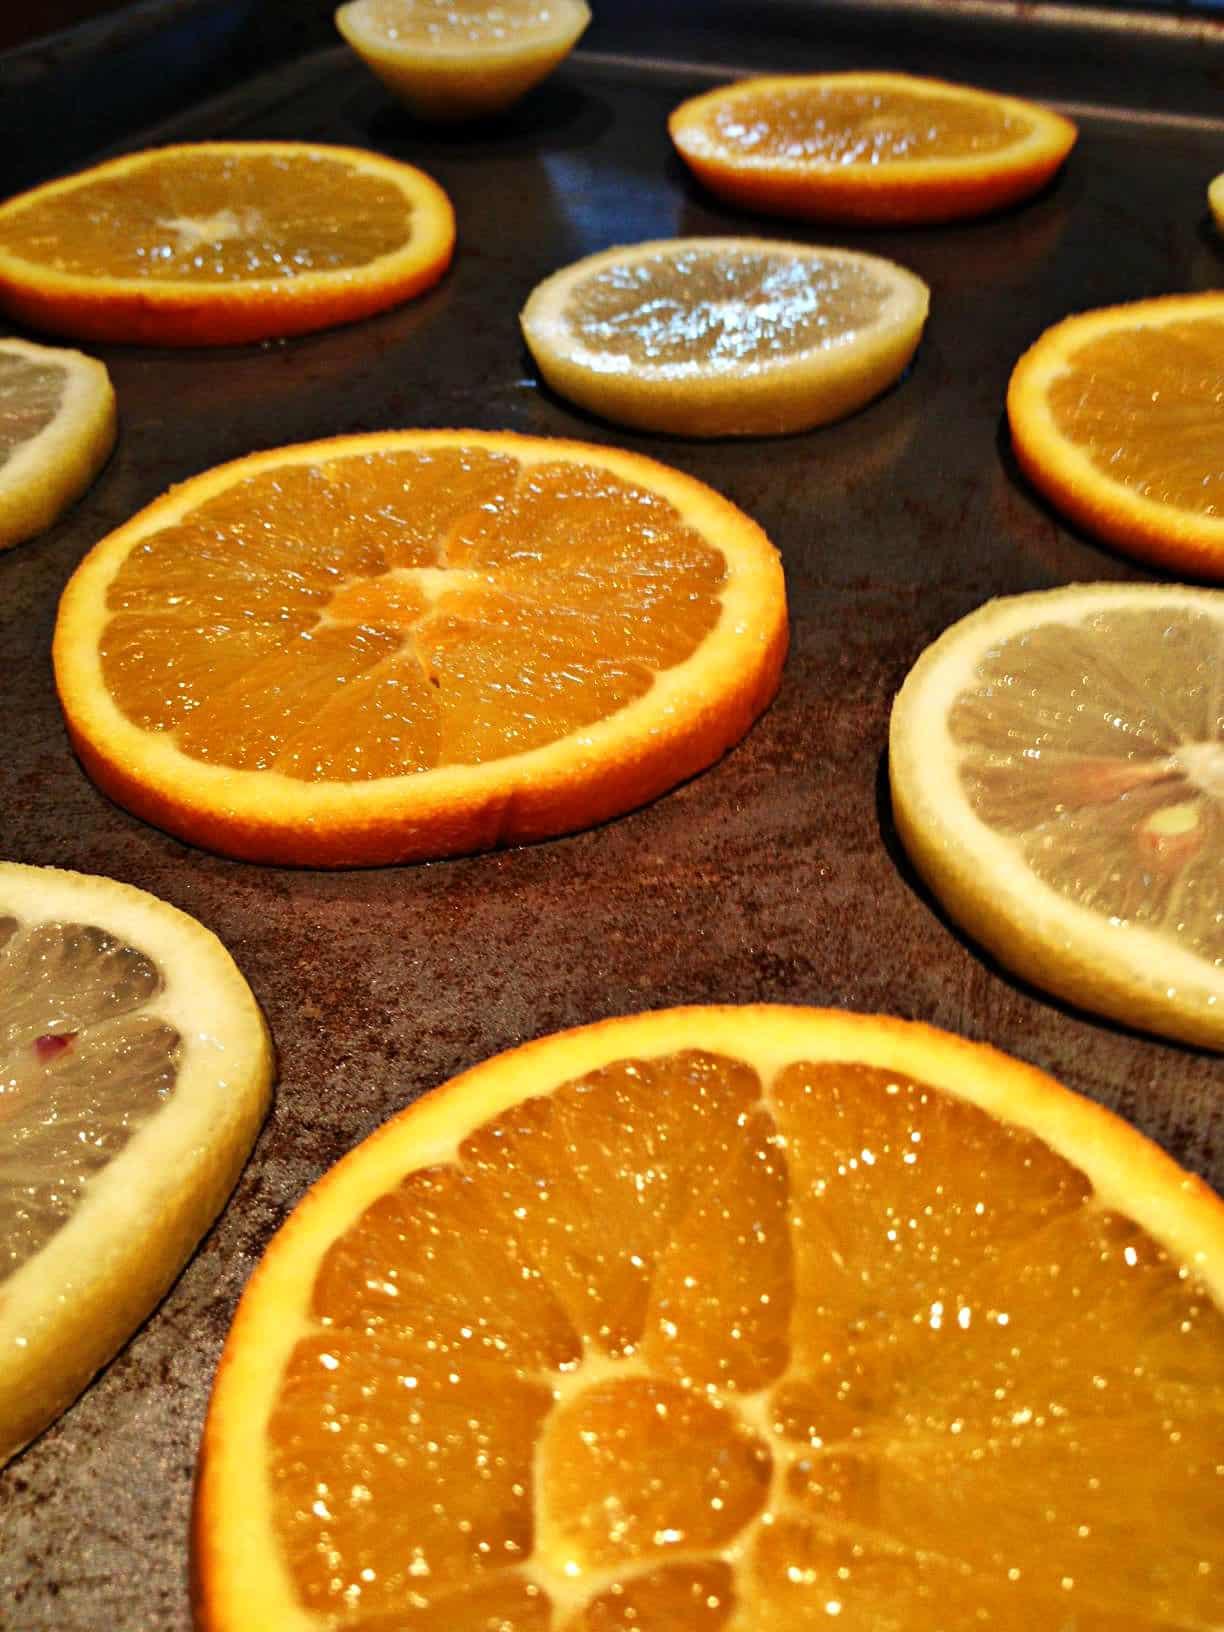 Orange lemon Christmas decoration baking tray